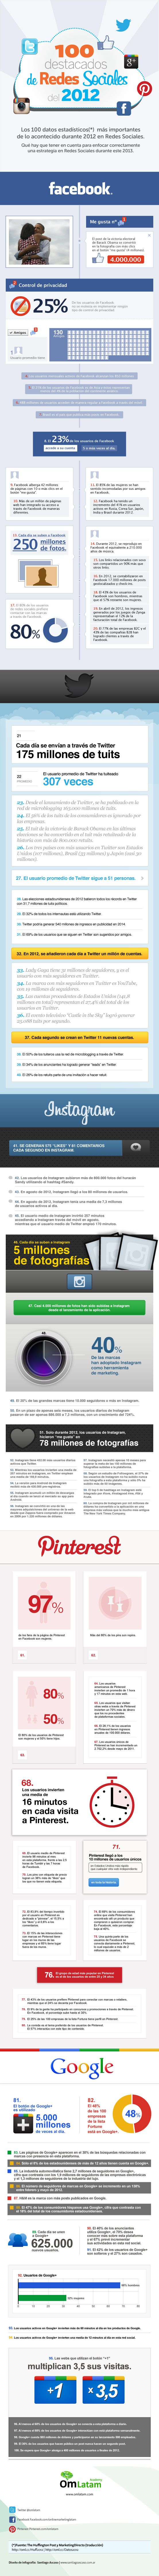 100 datos más importantes de Redes Sociales en 2012 #infografia